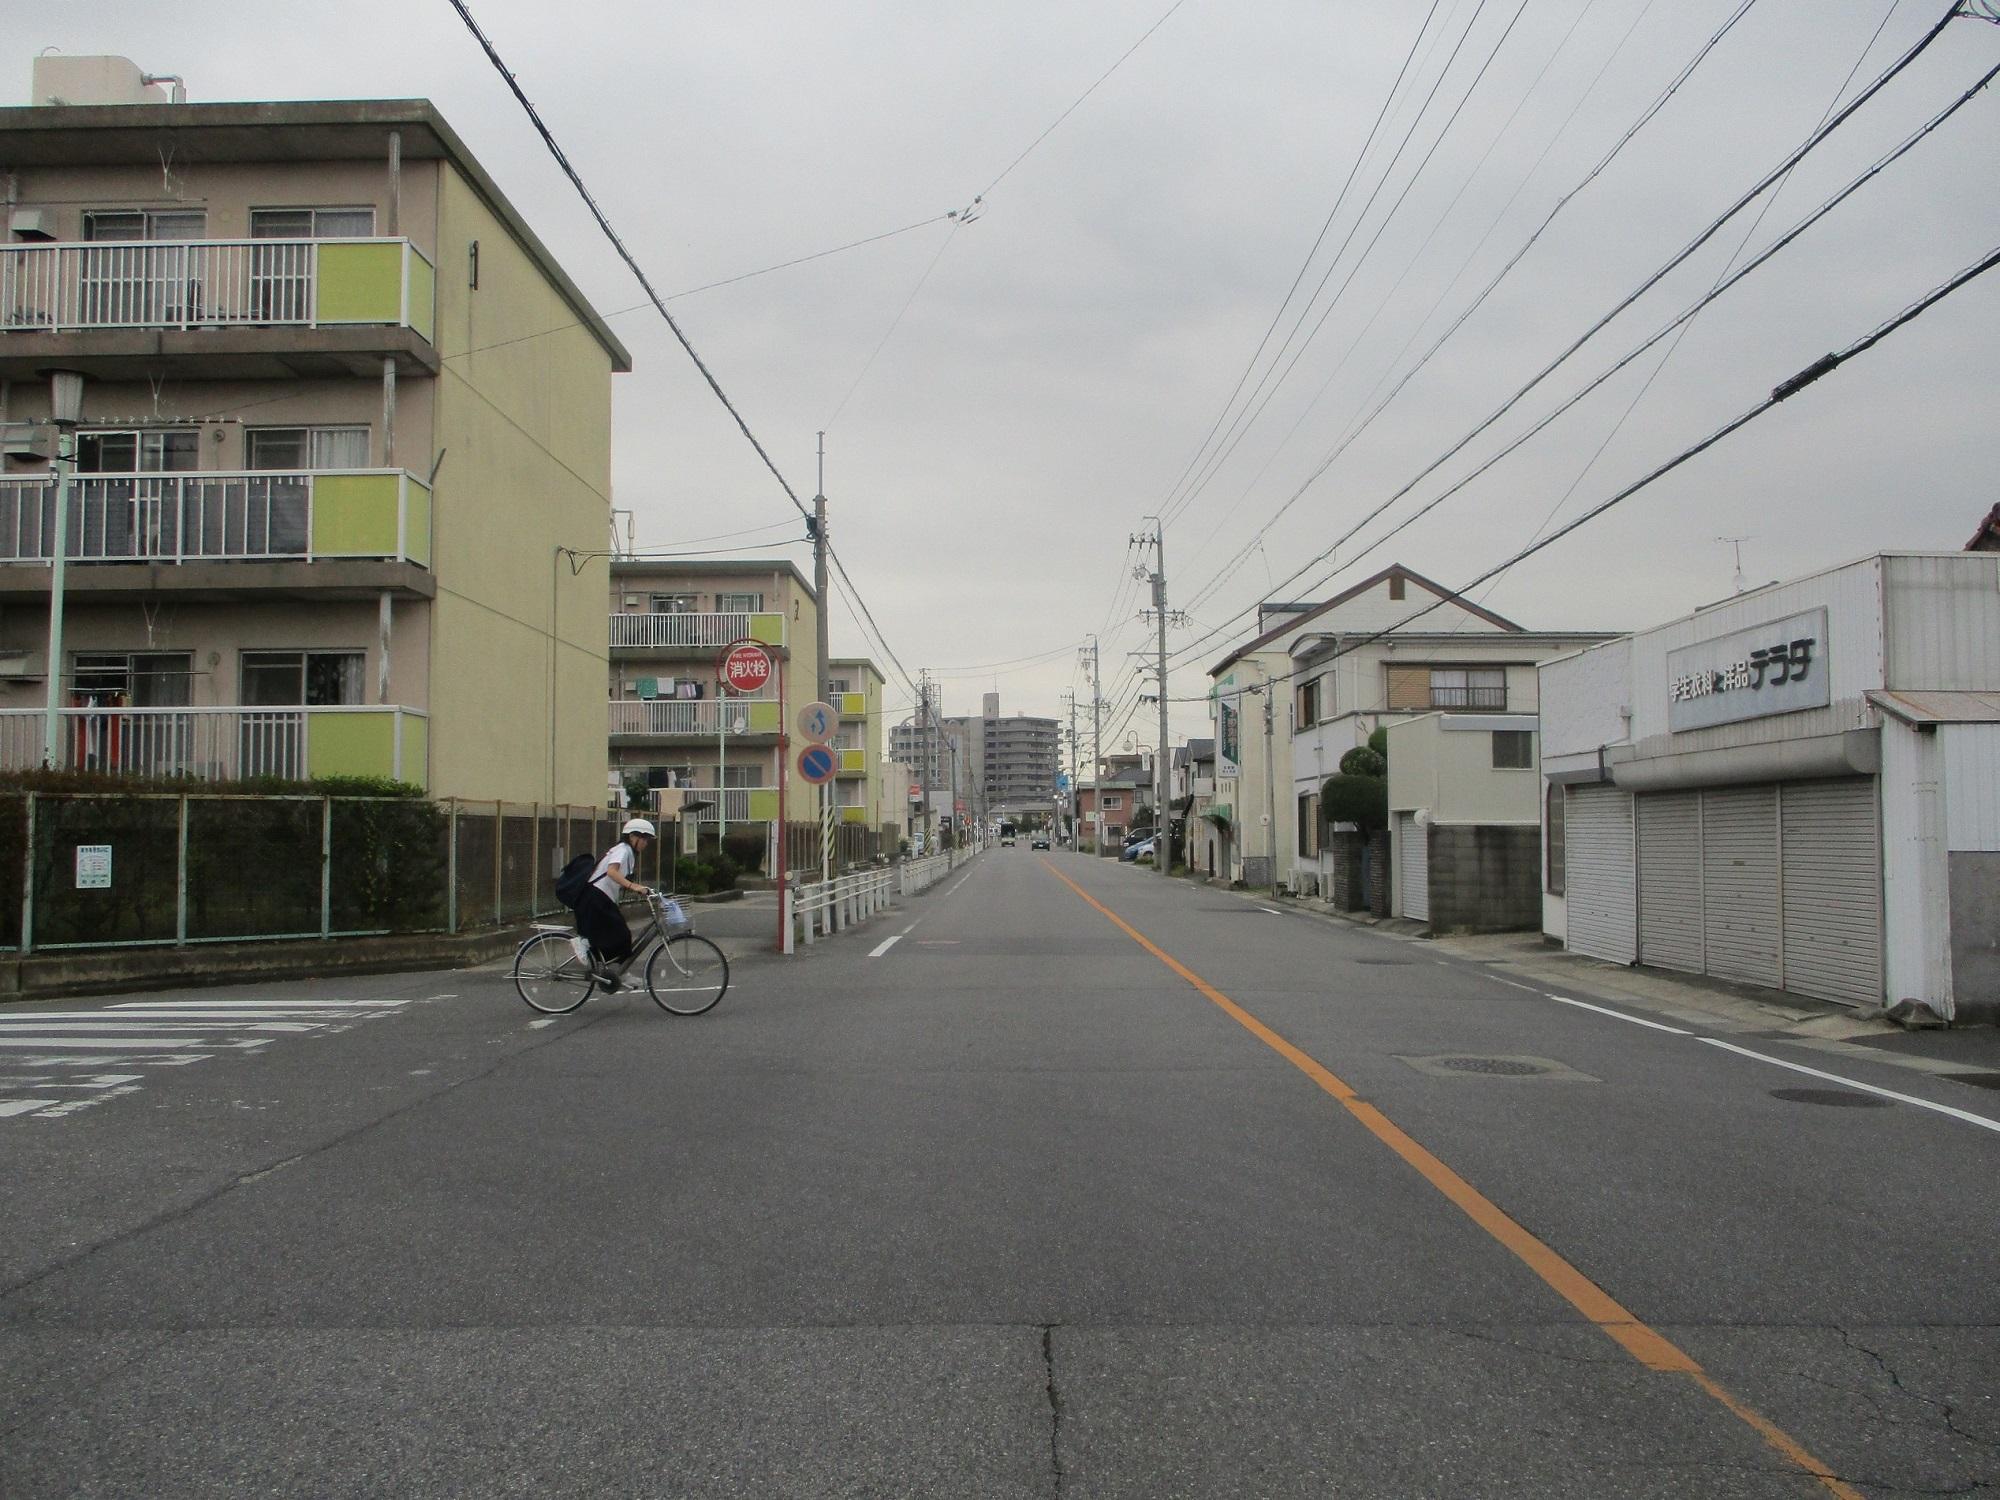 2019.10.7 (32) 矢作五区 - 1すじ(5番どおり) 2000-1500